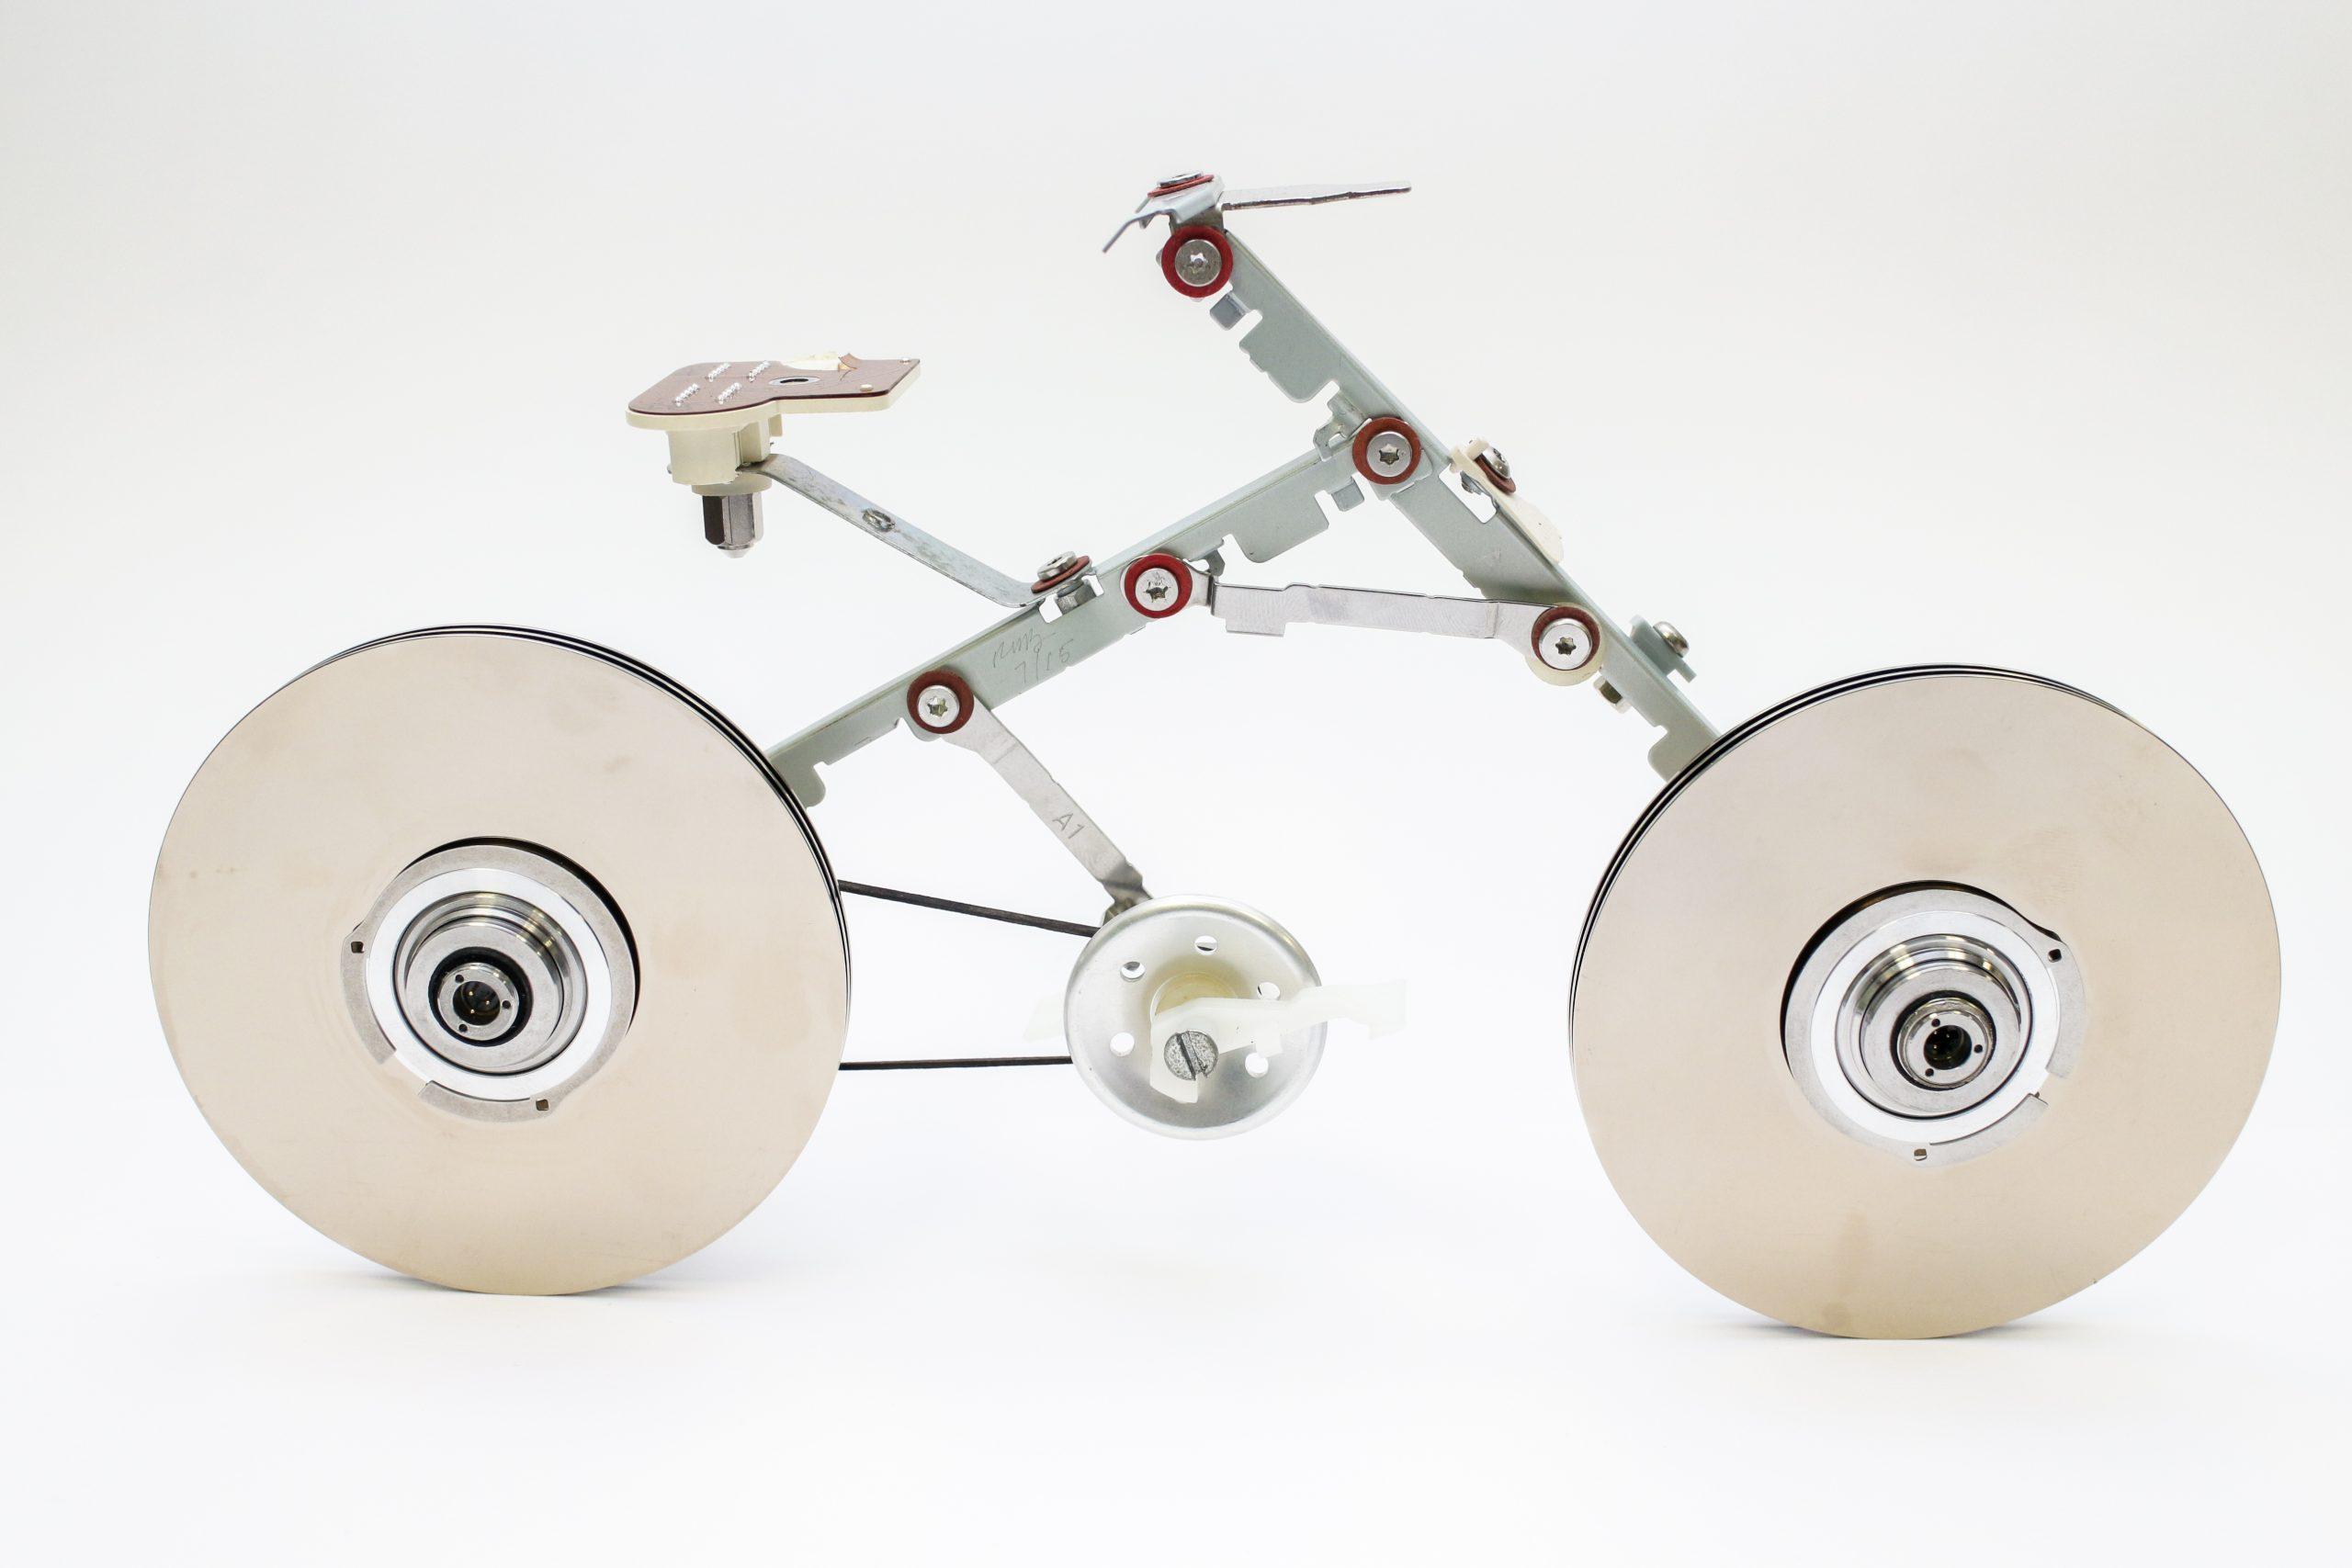 """Escultura """"Bici"""" de Rafael Miranda que forma parte del simposio Las Estéticas de las Ciencias. (Foto suministrada)"""